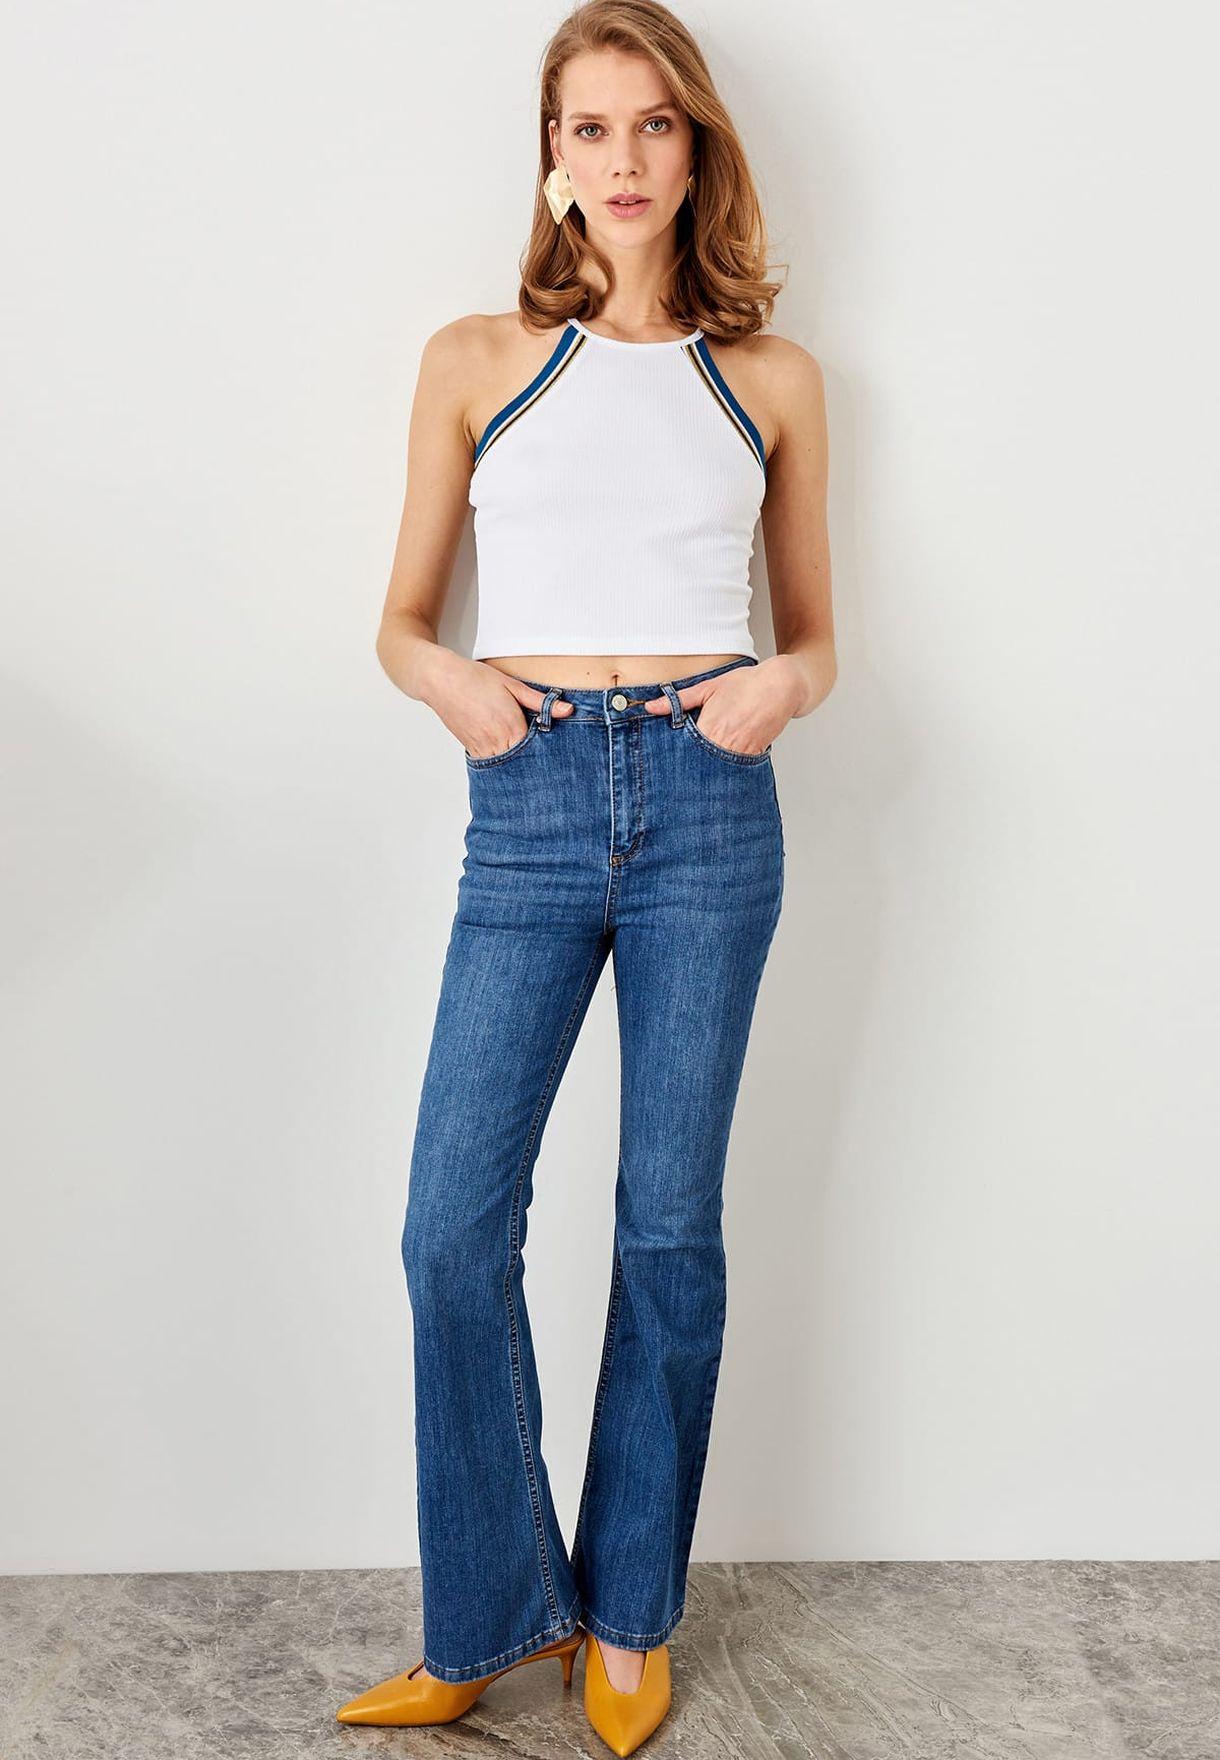 جينز بحافة واسعة